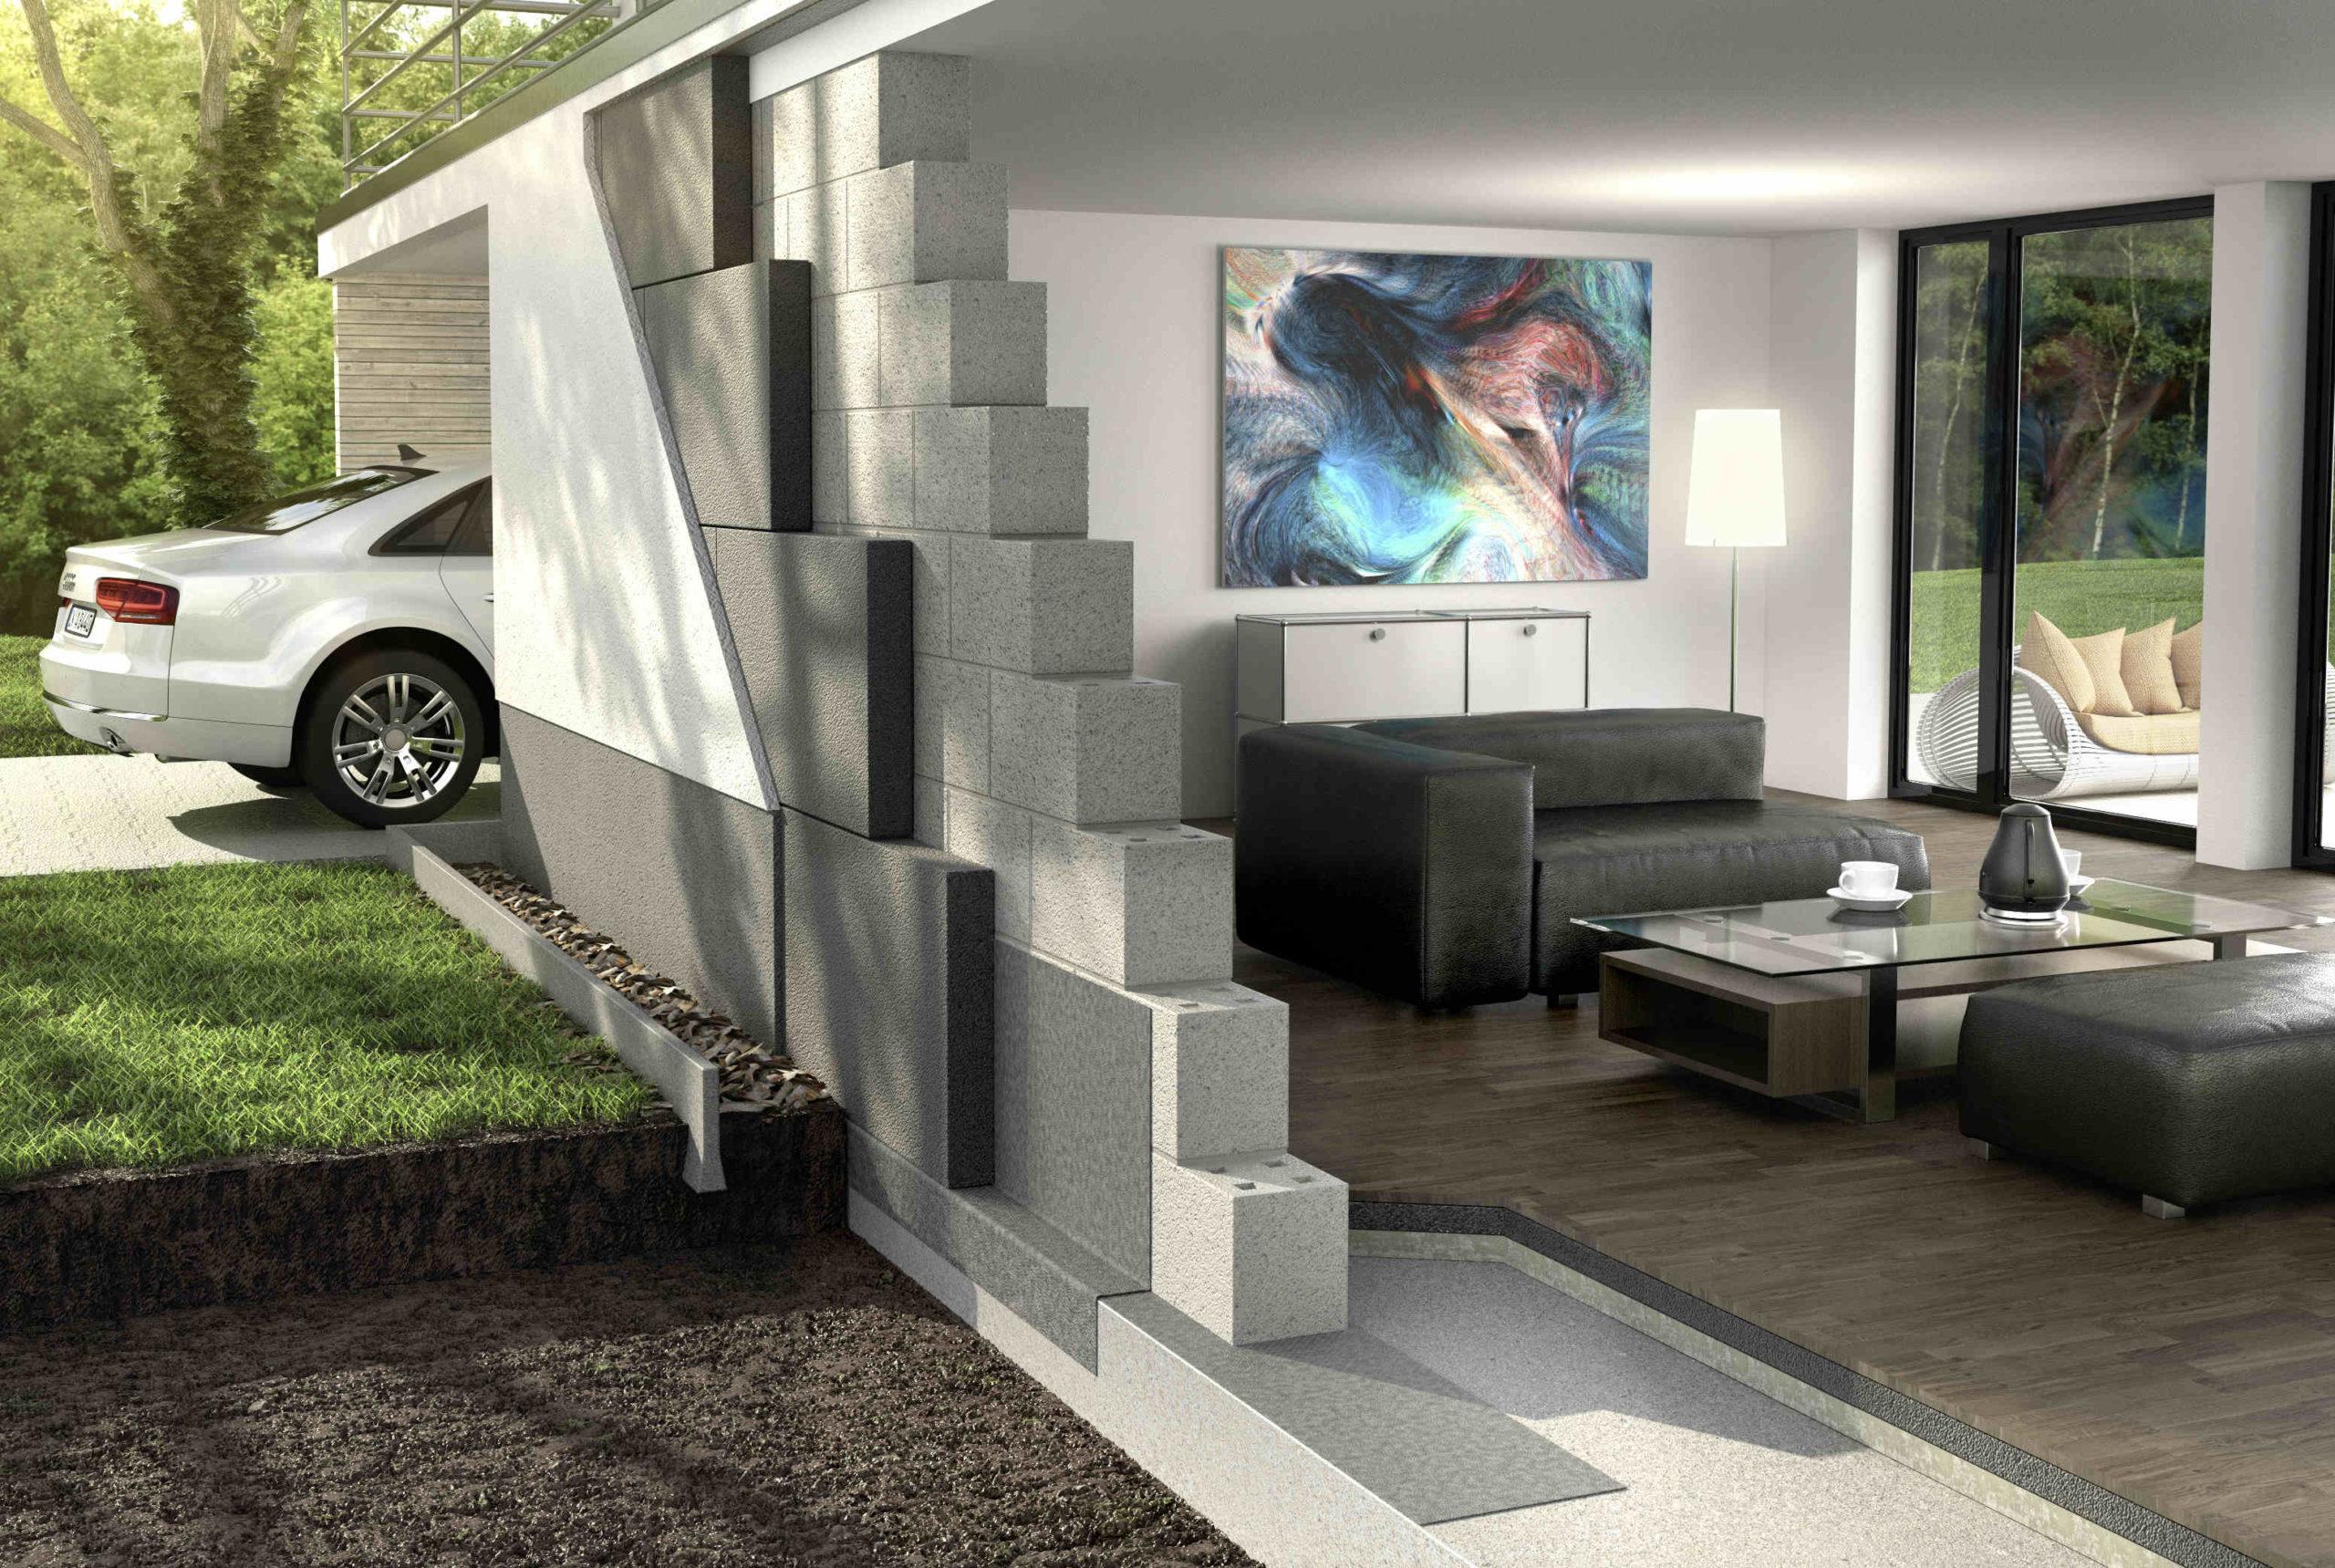 Unsere Produktinnovationen im Bereich Bauprodukte passen wir auf Ihre Bedürfnisse an.